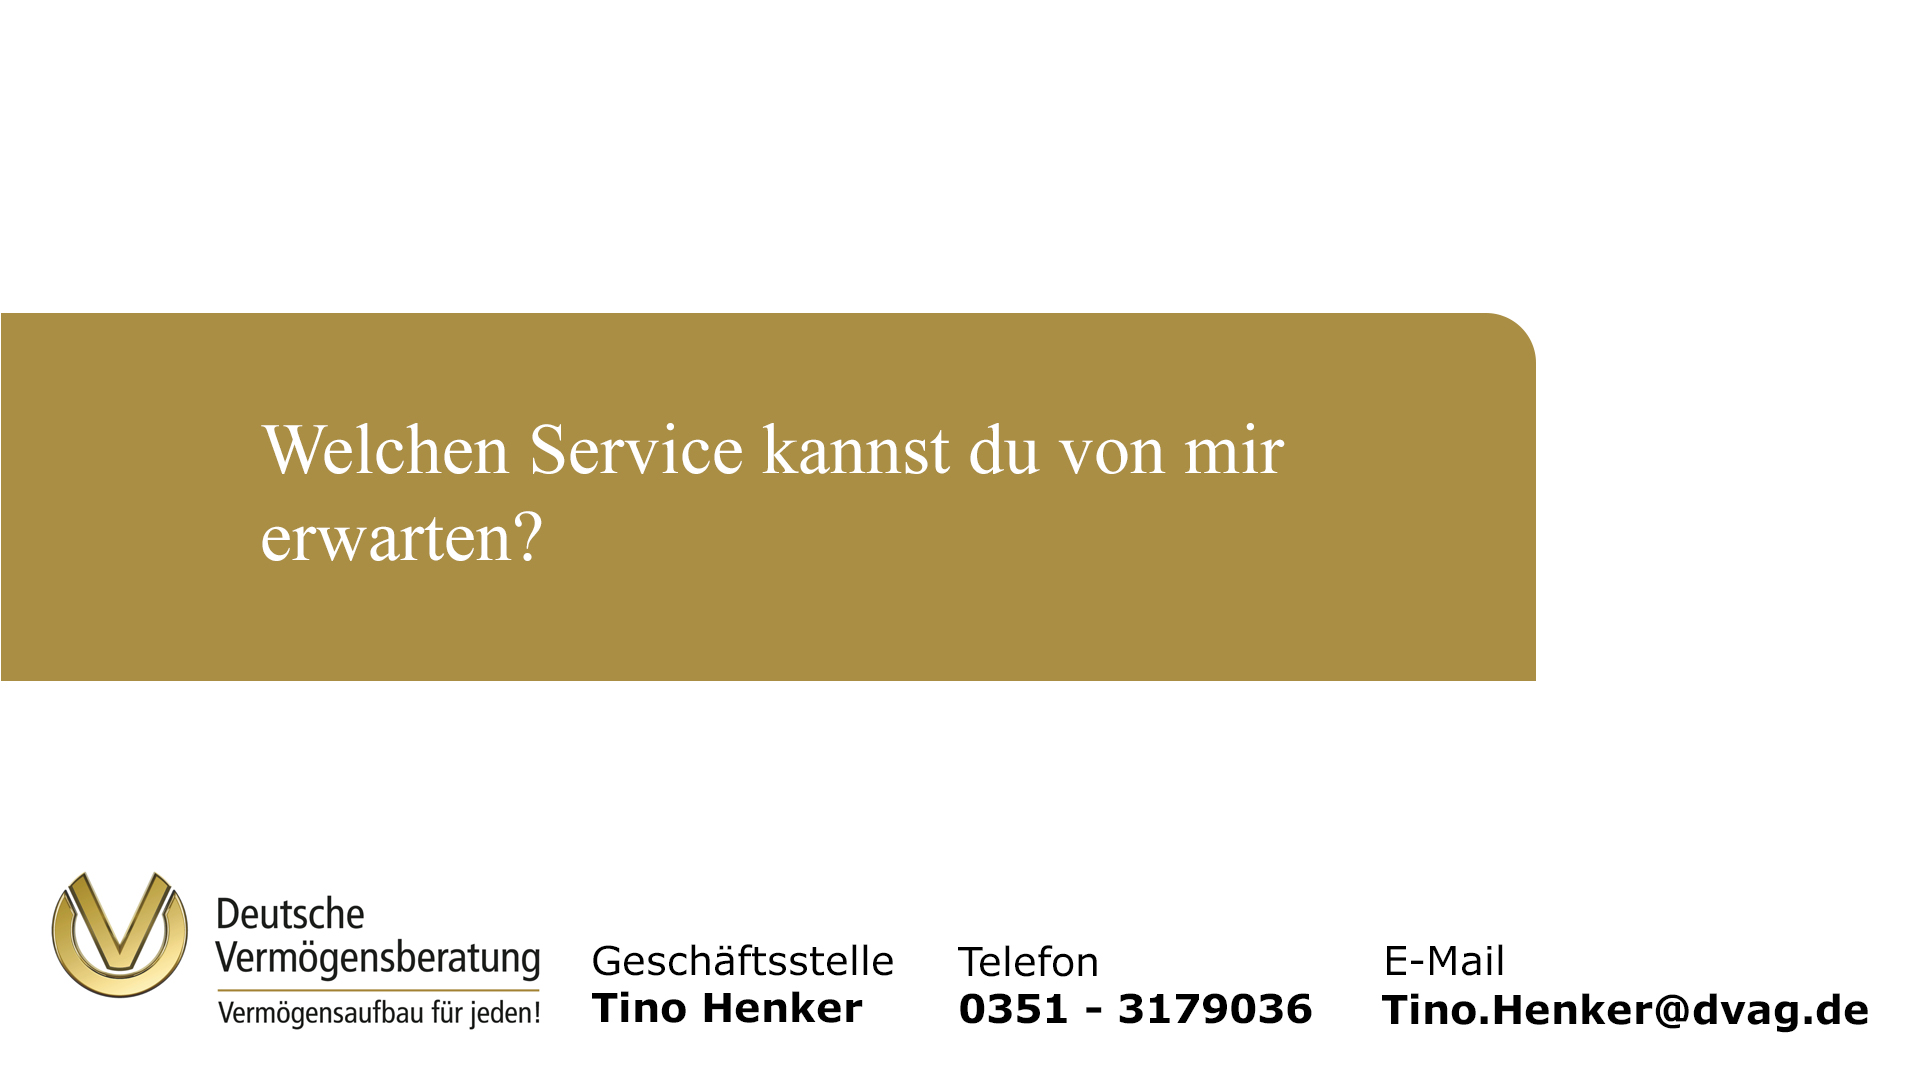 Welchen Service kann ich erwarten?